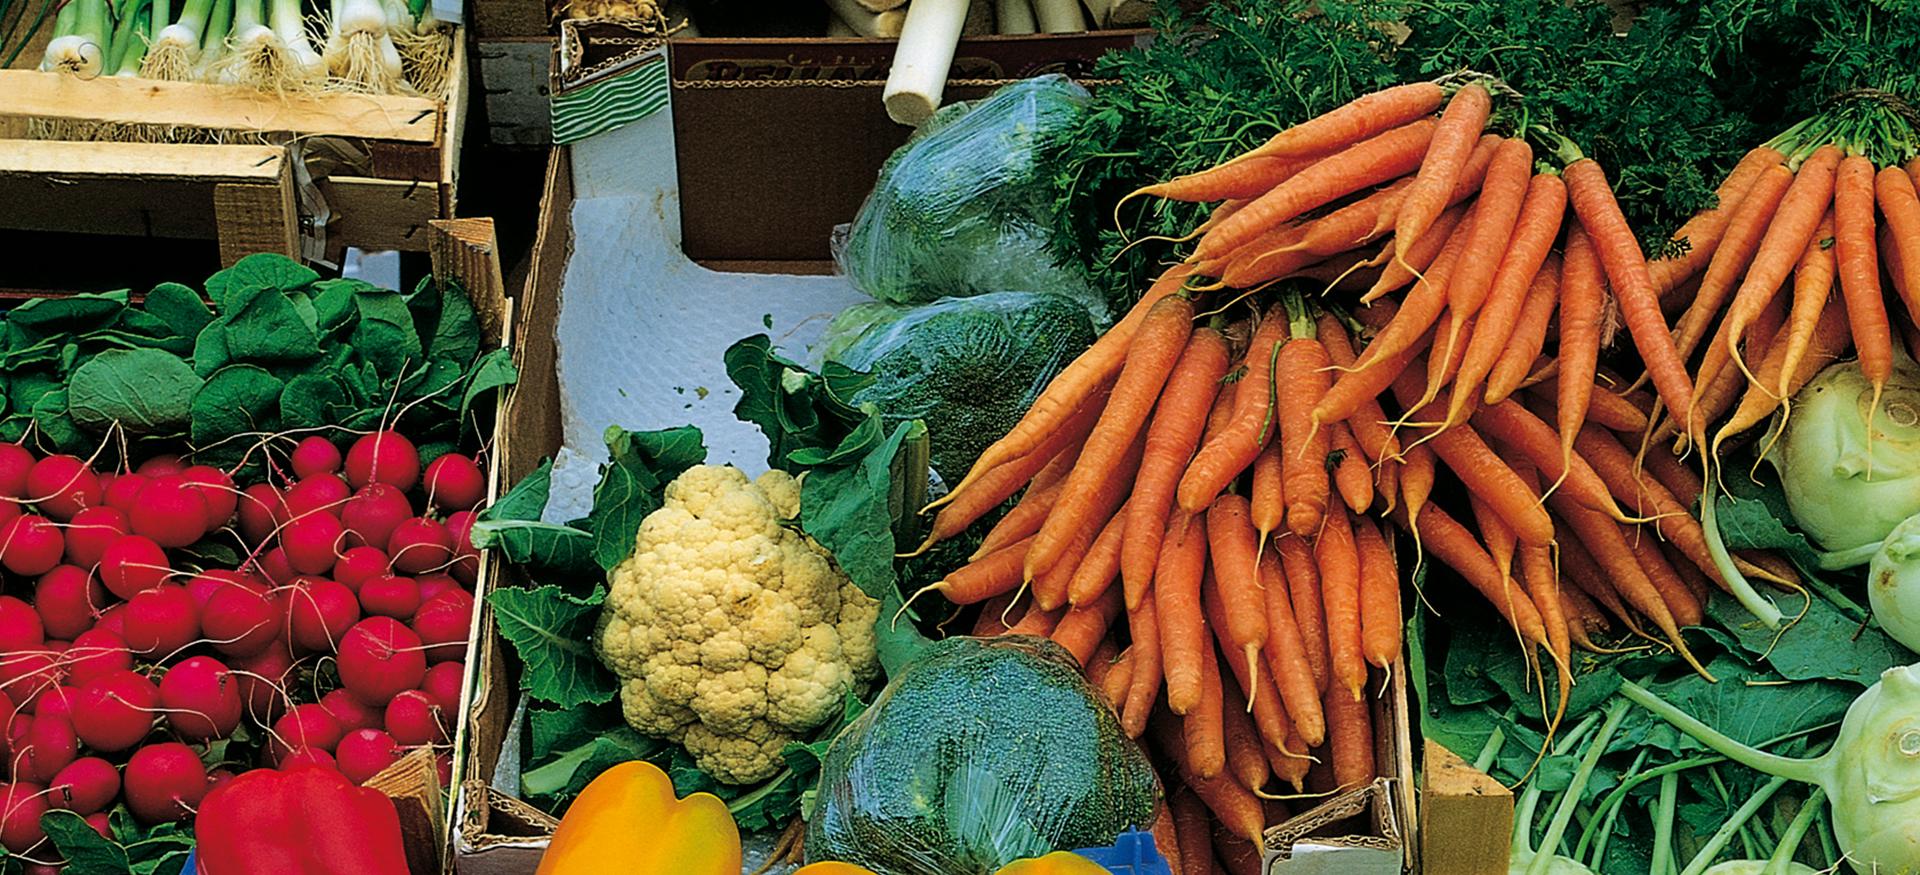 verschiedenes Gemüse (Moehren, Radieschen, Paprika, Zwiebeln, Lauch) werden in Holzkästen auf dem Markt angeboten